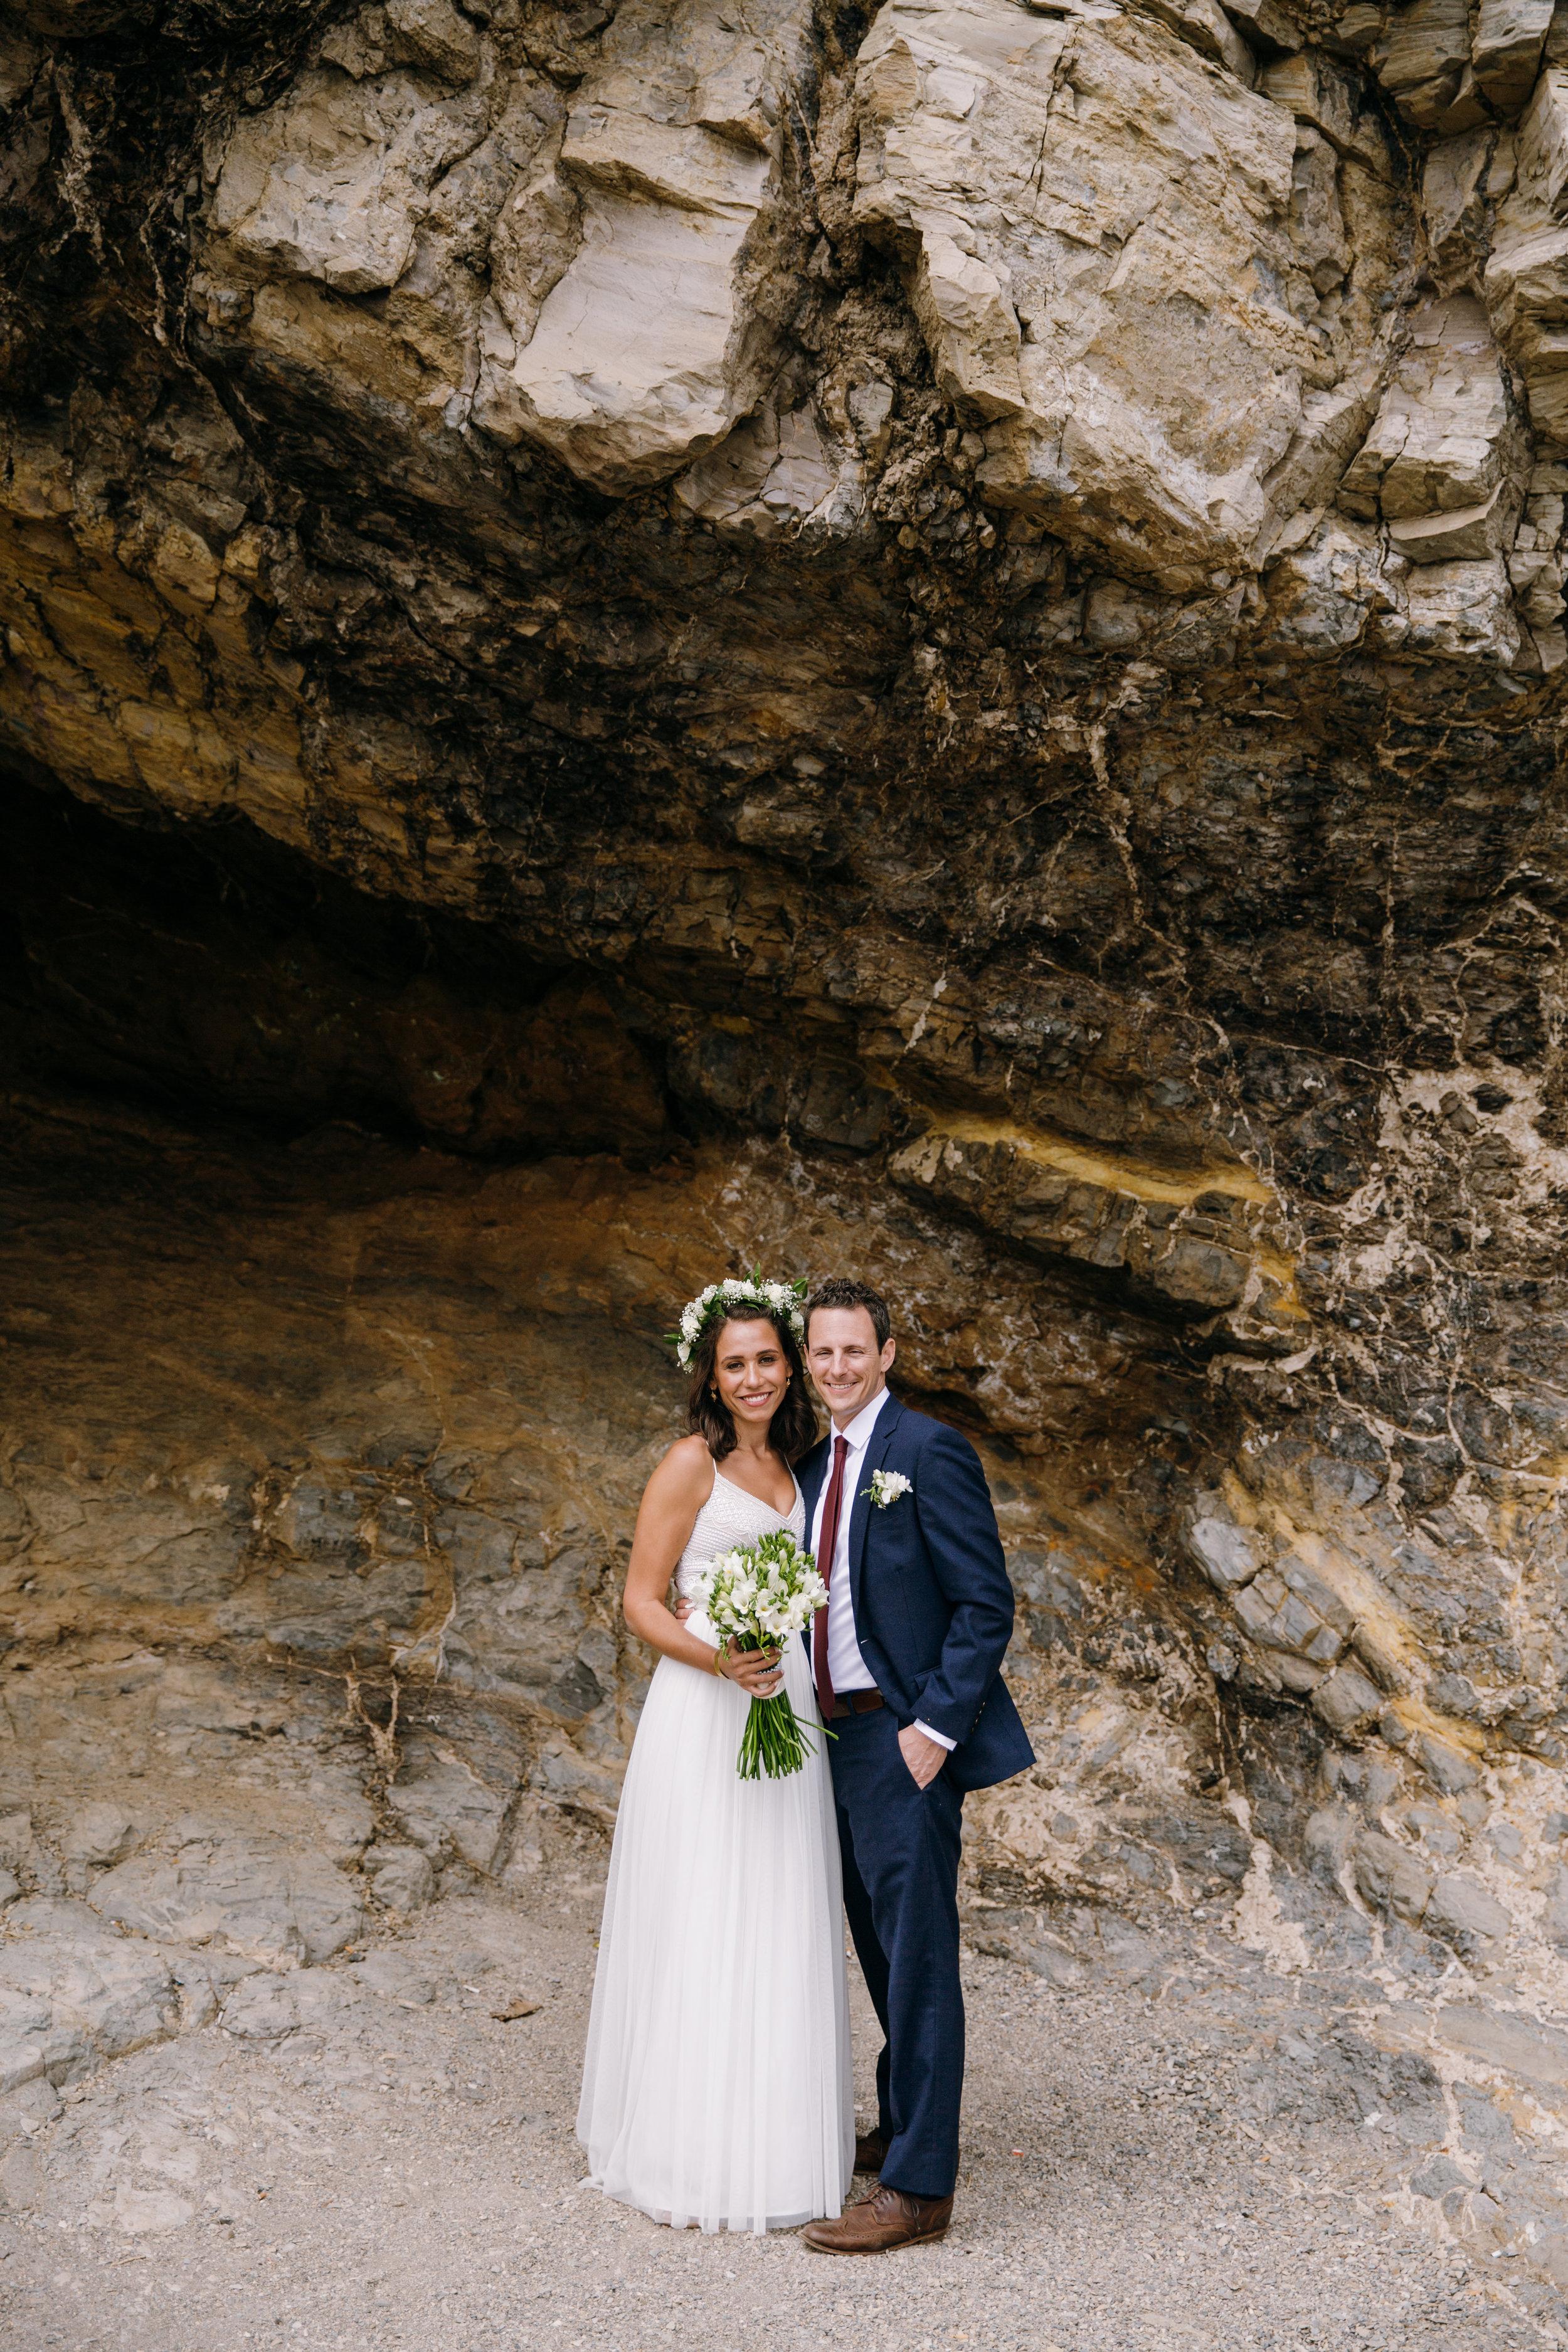 KaraNixonWeddings-PalosVerde-Terranea-Wedding-14.jpg